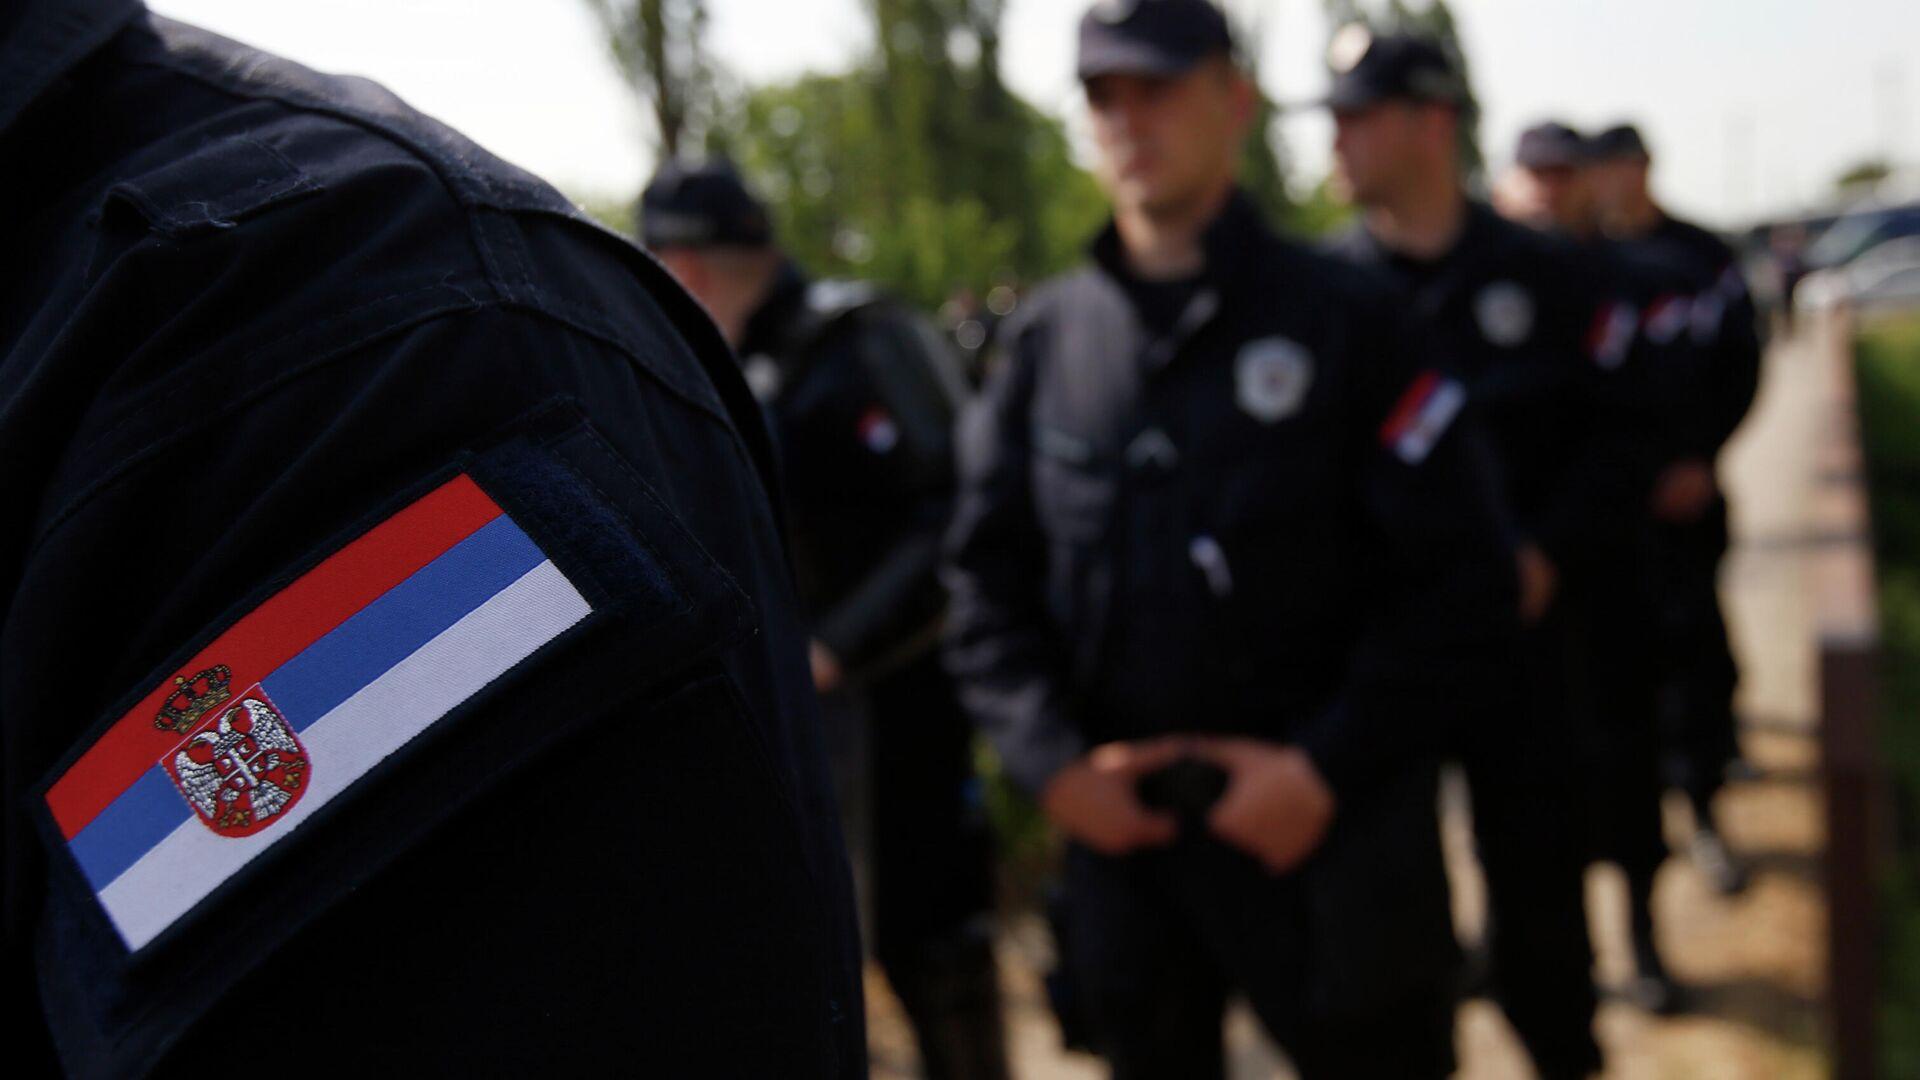 Сотрудники полиции Сербии - РИА Новости, 1920, 07.06.2021